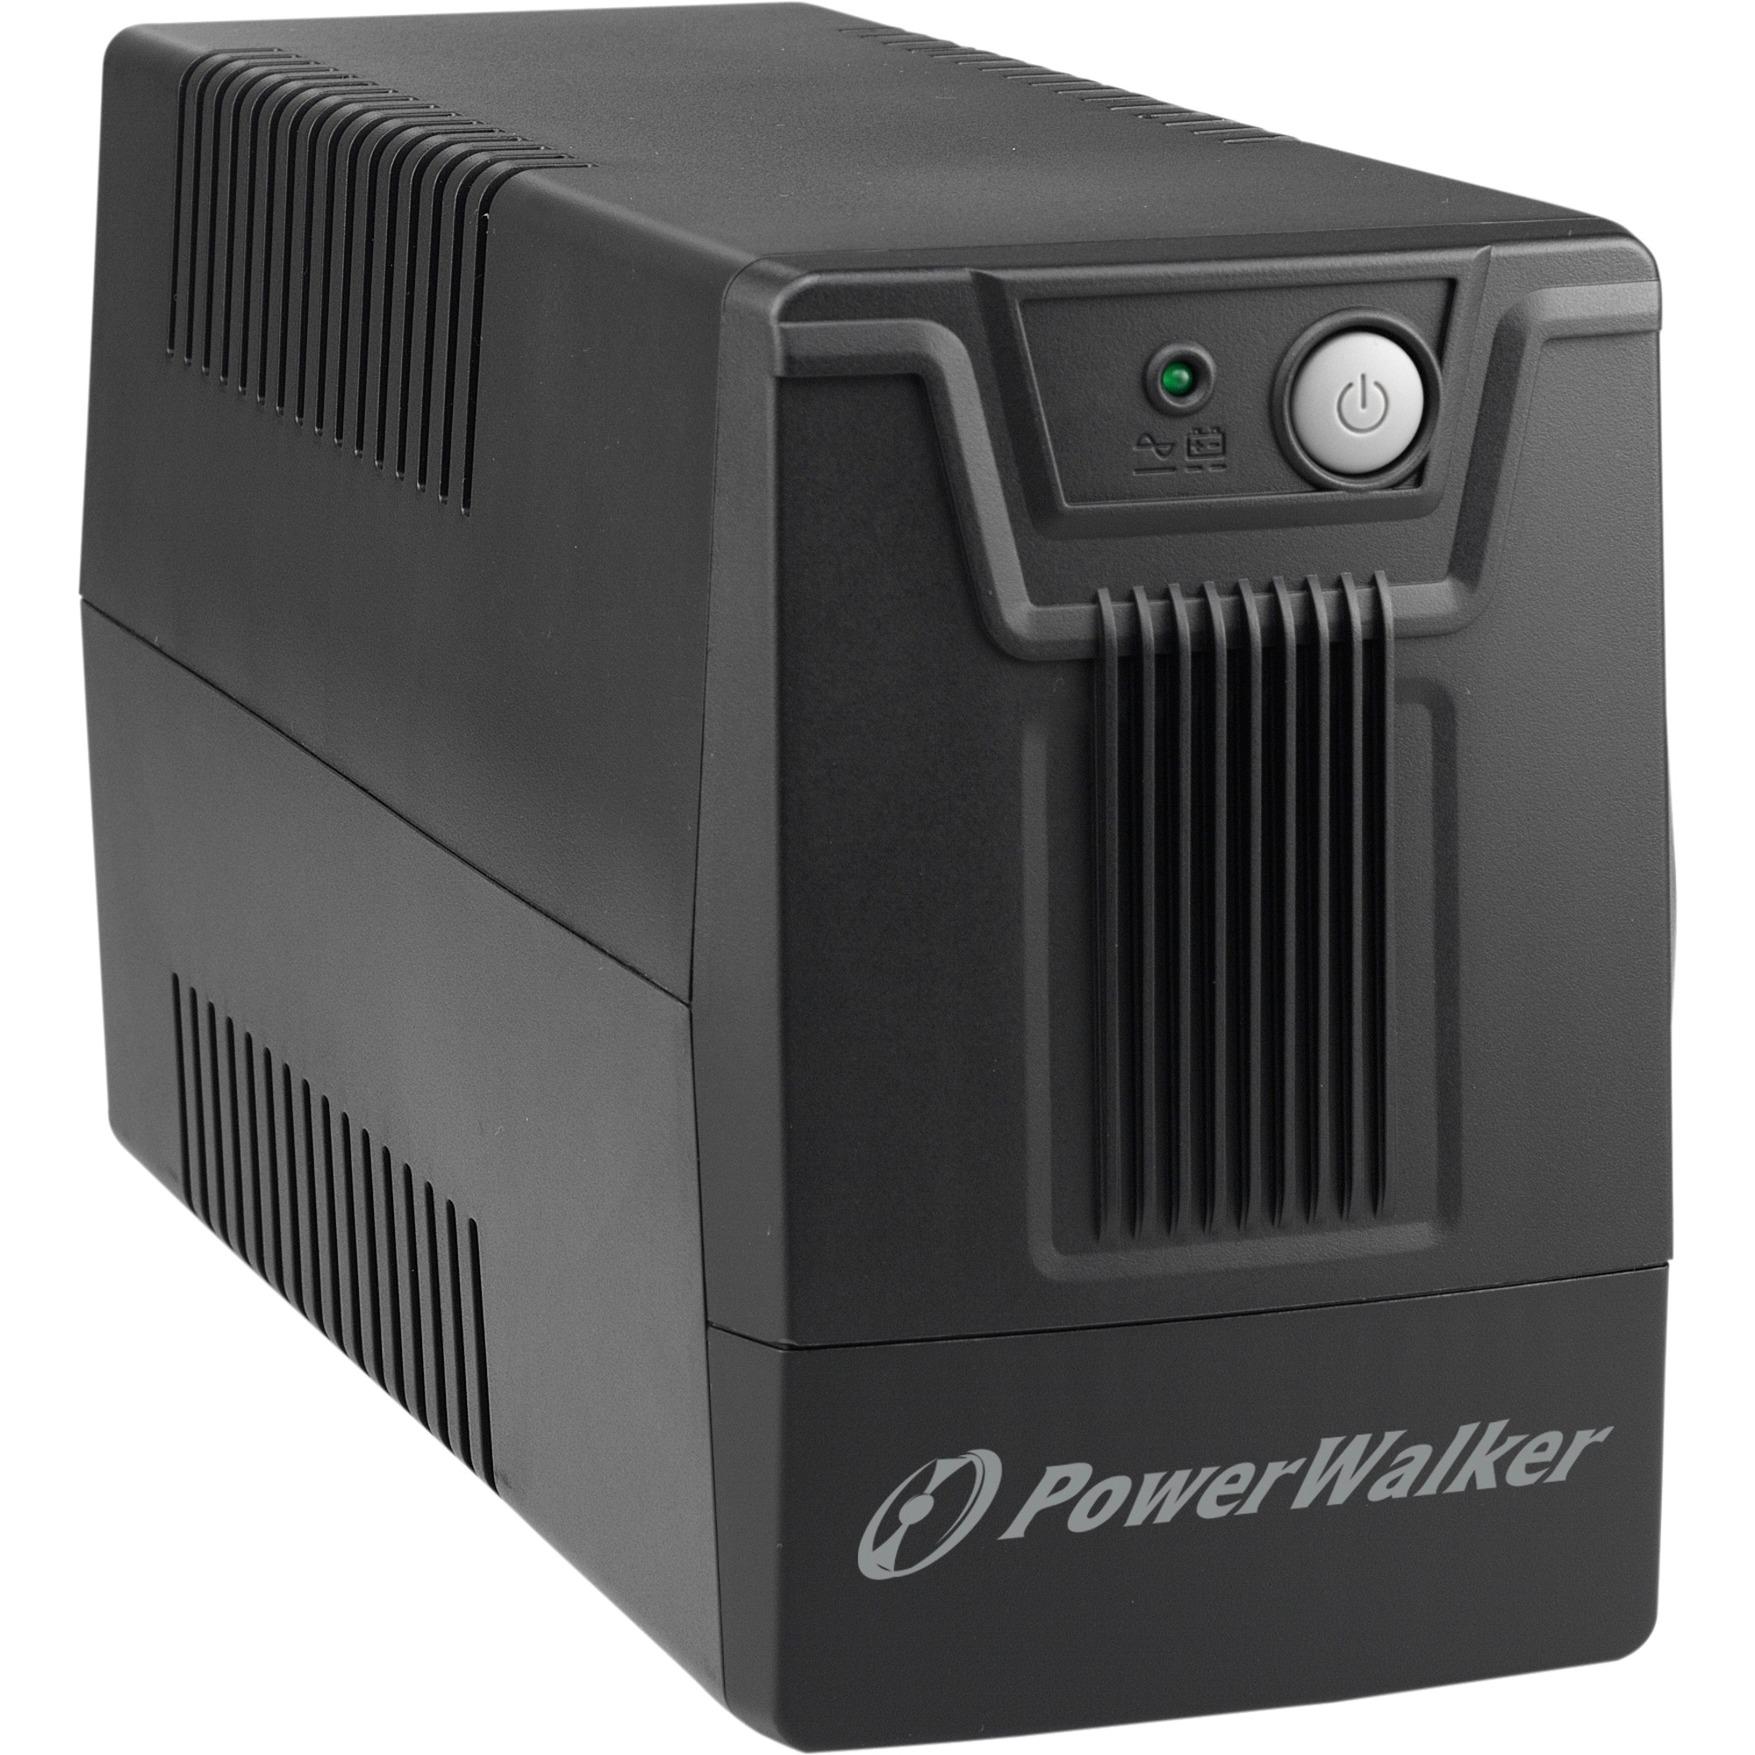 10121025 sistema de alimentación ininterrumpida (UPS) Línea interactiva 800 VA 480 W 2 salidas AC